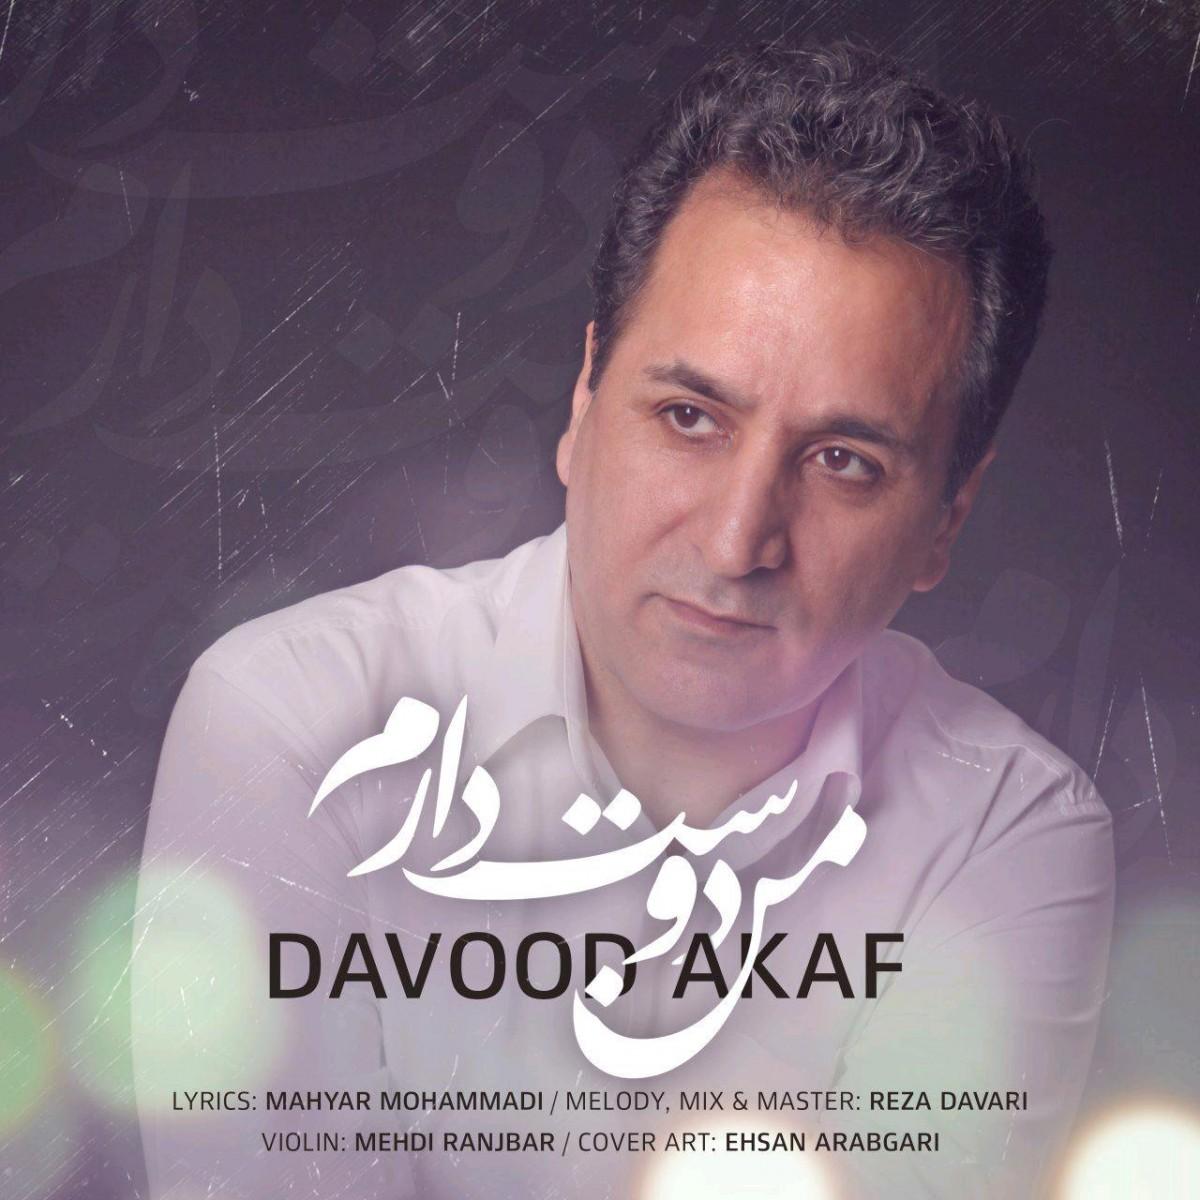 نامبر وان موزیک | دانلود آهنگ جدید Davood-Akaf-Man-Doset-Daram